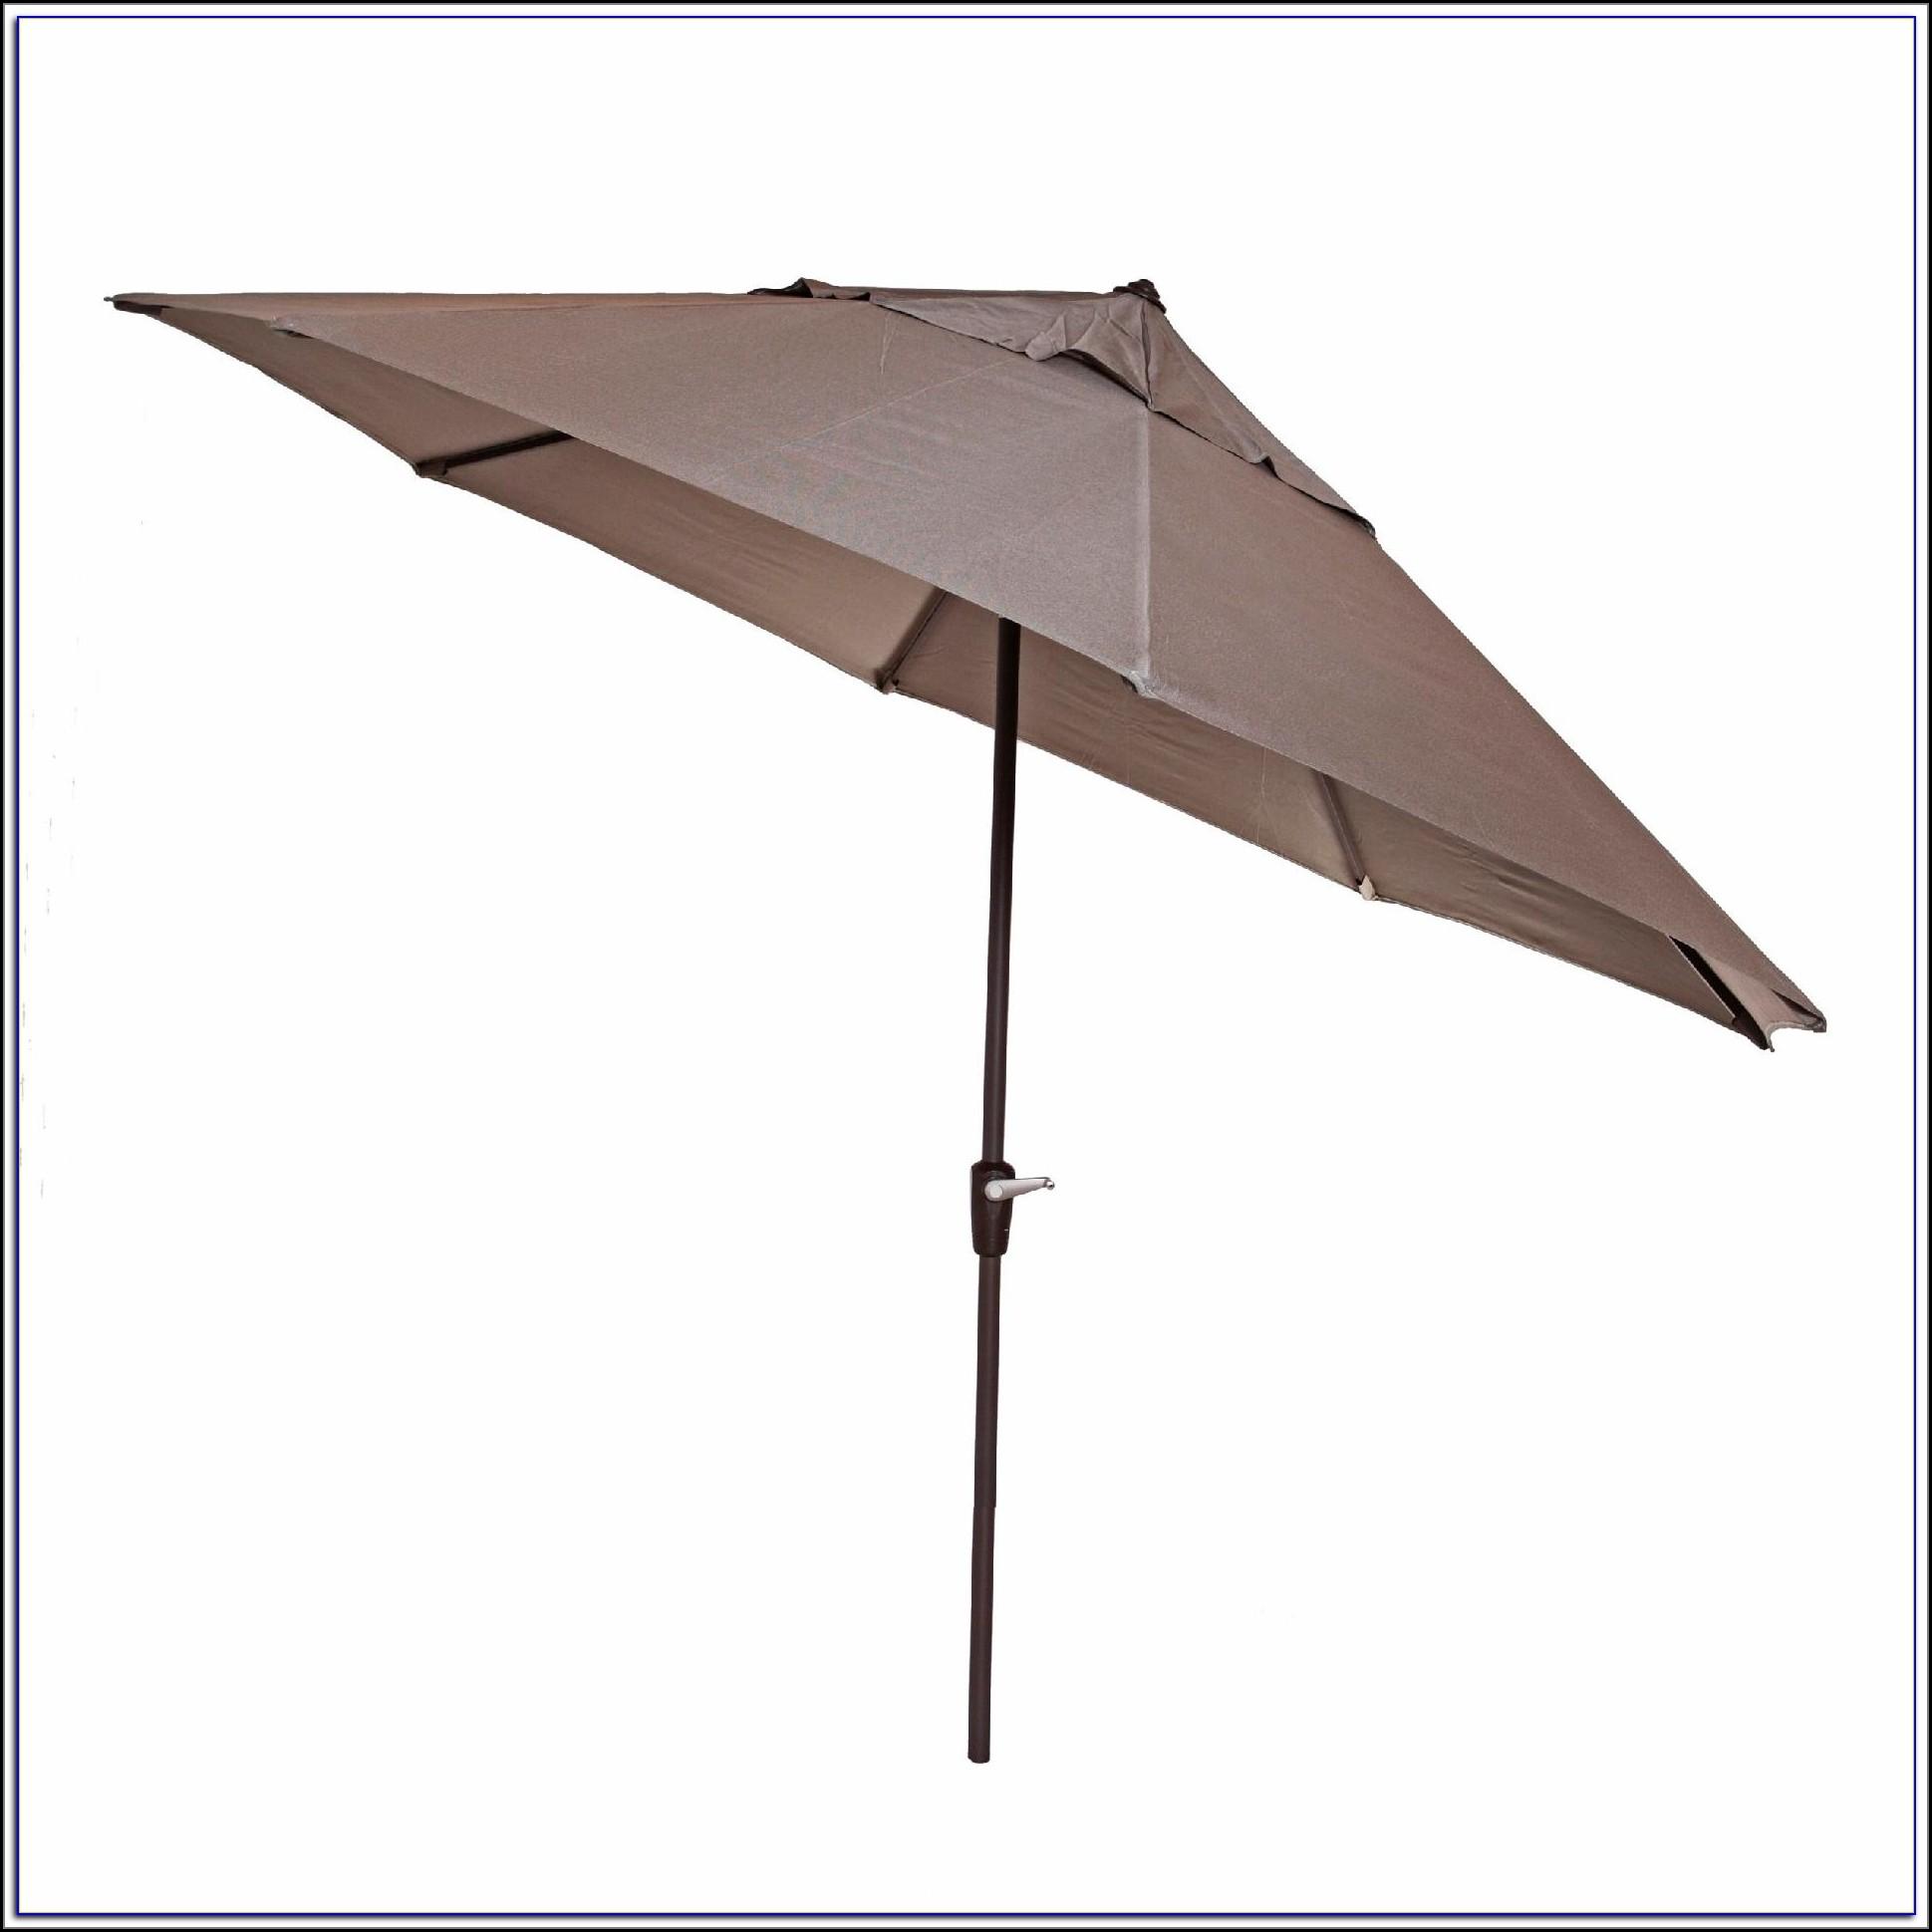 Sears Canada Patio Umbrellas